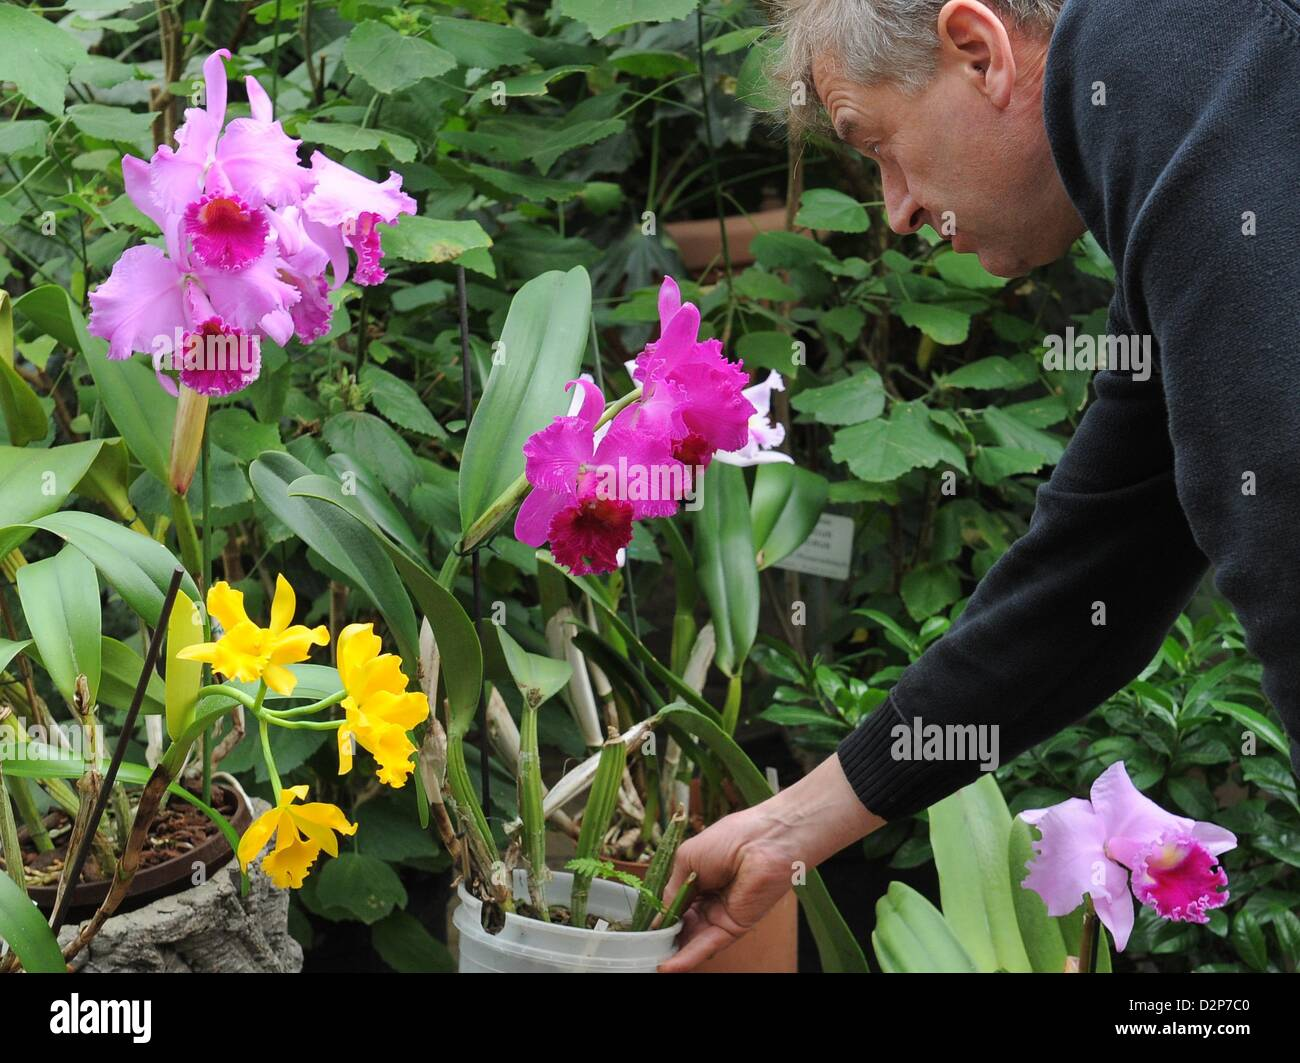 orchidee z chter hans joachim wlodarczyk stellt eine. Black Bedroom Furniture Sets. Home Design Ideas